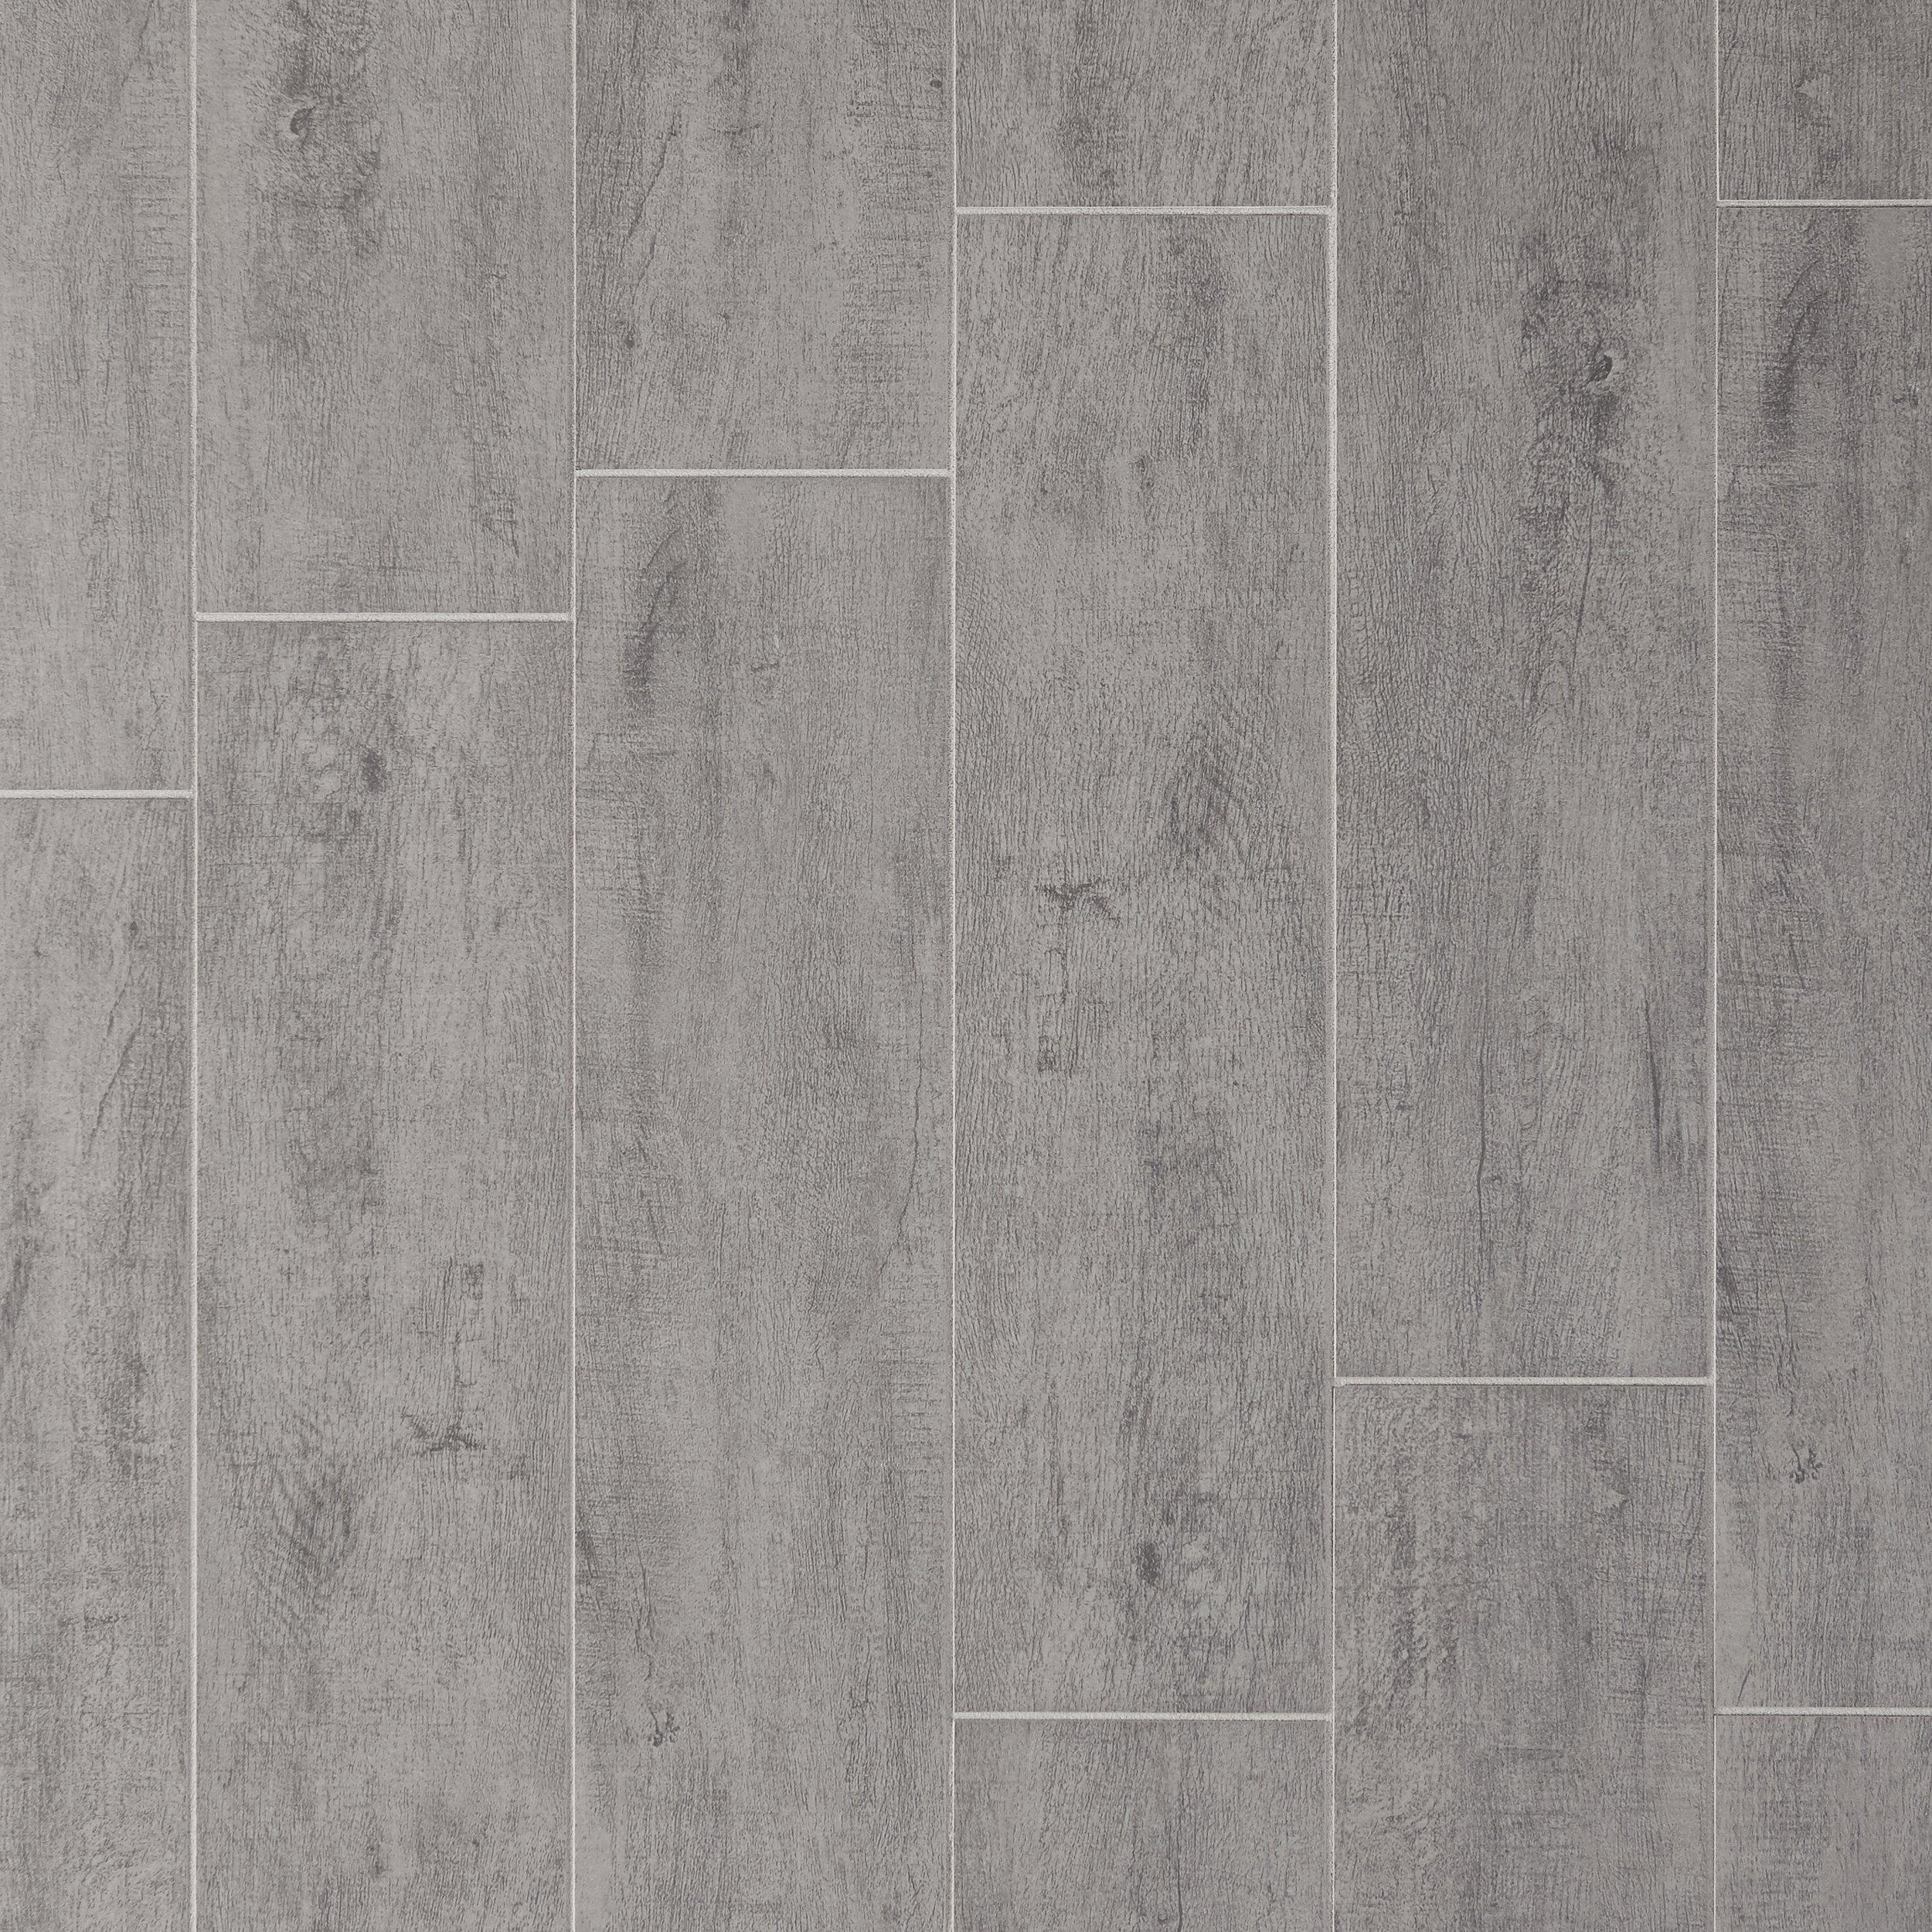 porcelain plank flooring. porcelain plank wood look tile tampa